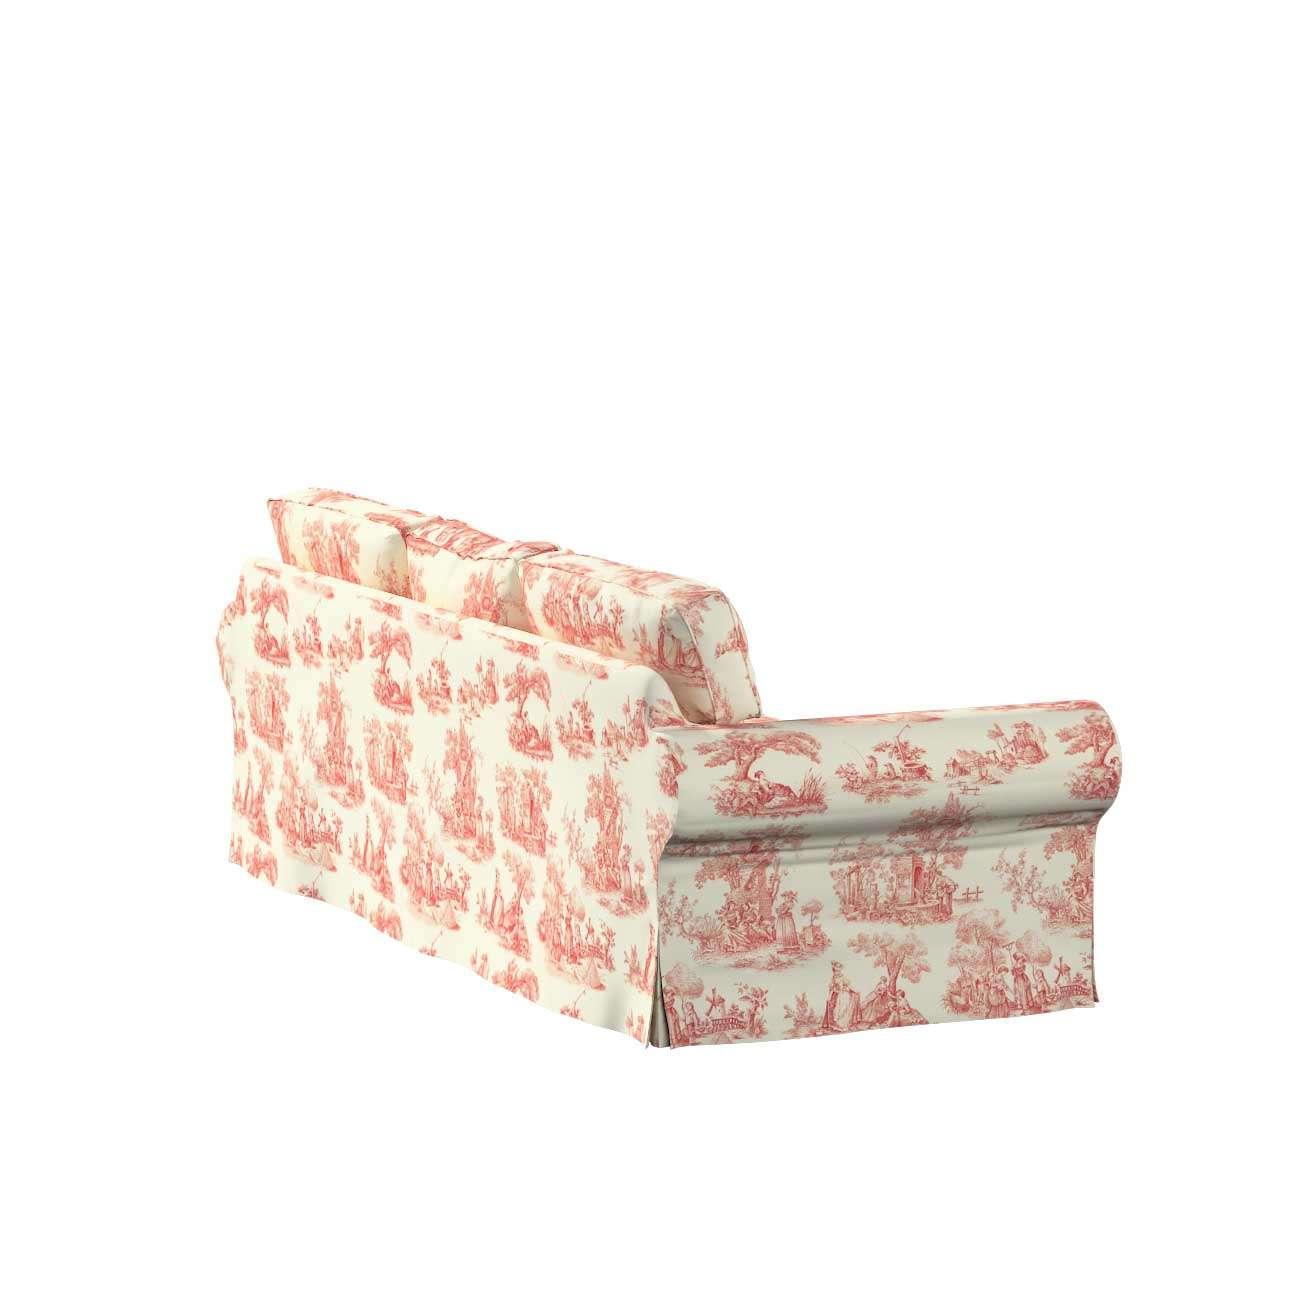 Potah na pohovku IKEA  Ektorp 3-místná, nerozkládací pohovka Ektorp 3-místná v kolekci Avignon, látka: 132-15